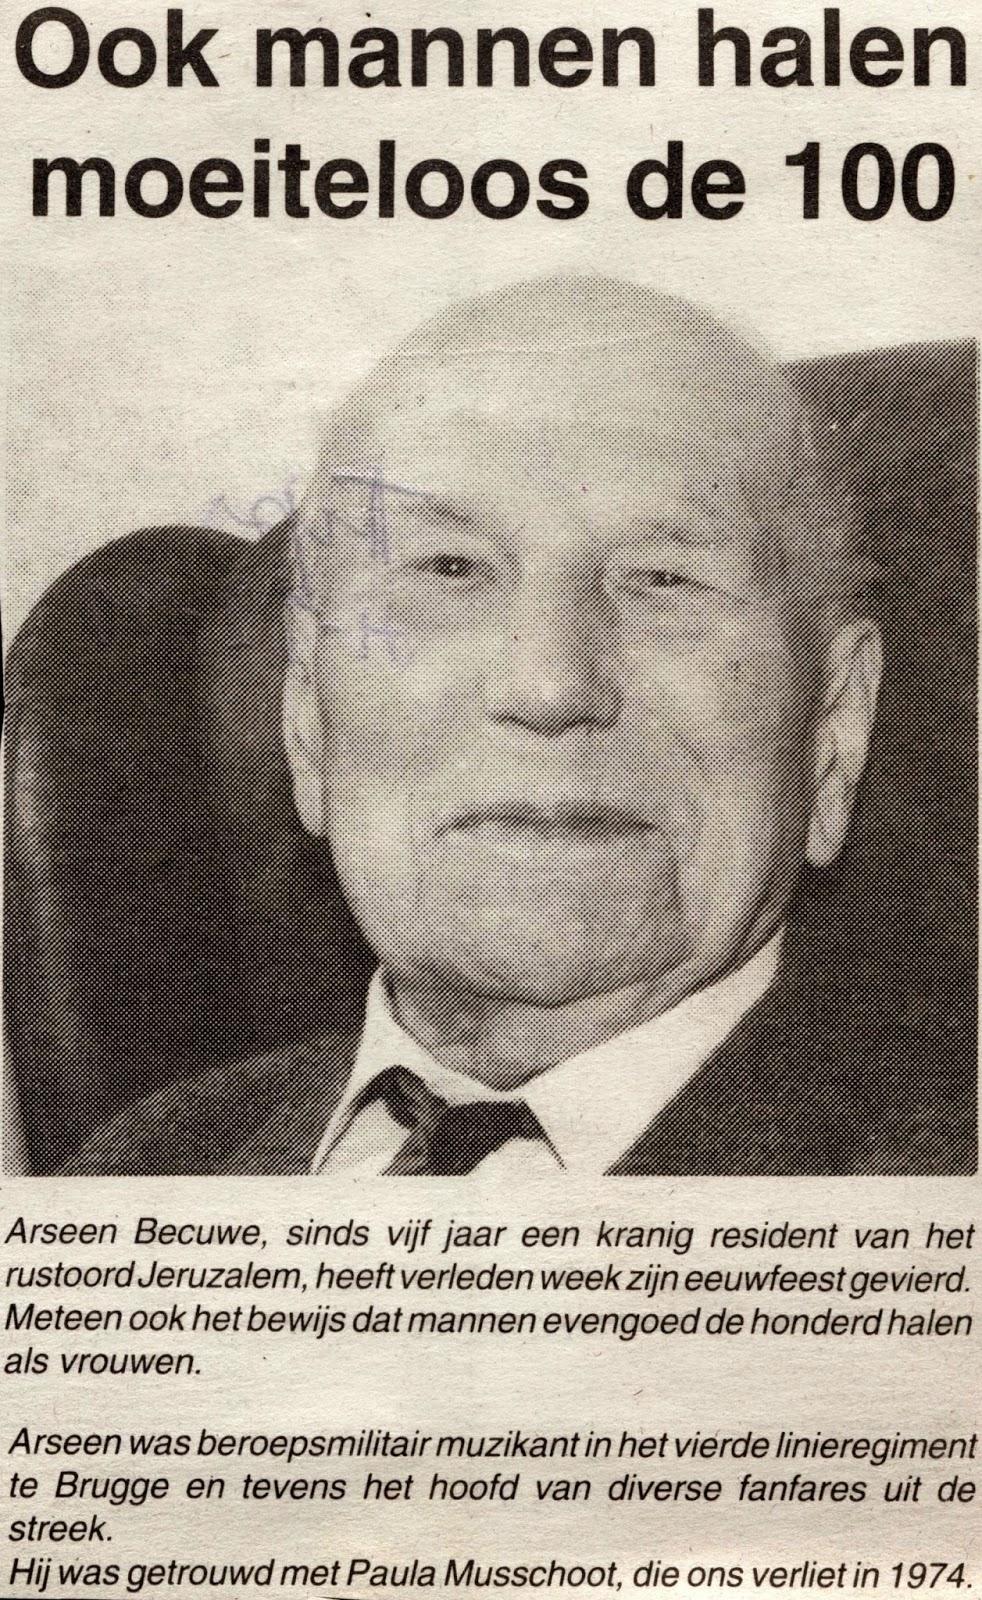 Arsène, die als honderdjarige gevierd zou worden en de eeuwcirkel binnentrad.